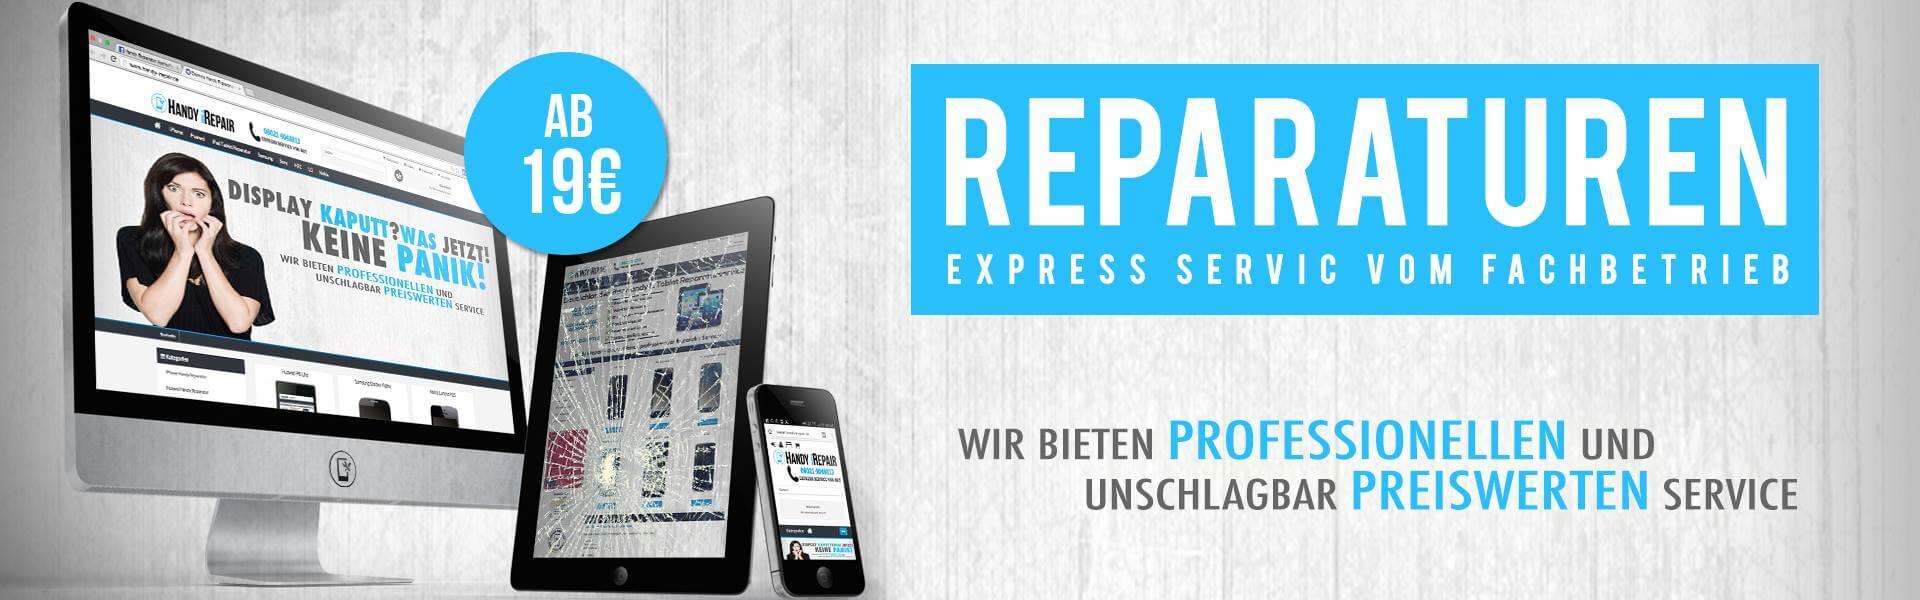 Handy iRepair - Express Service vom Fachbetrieb